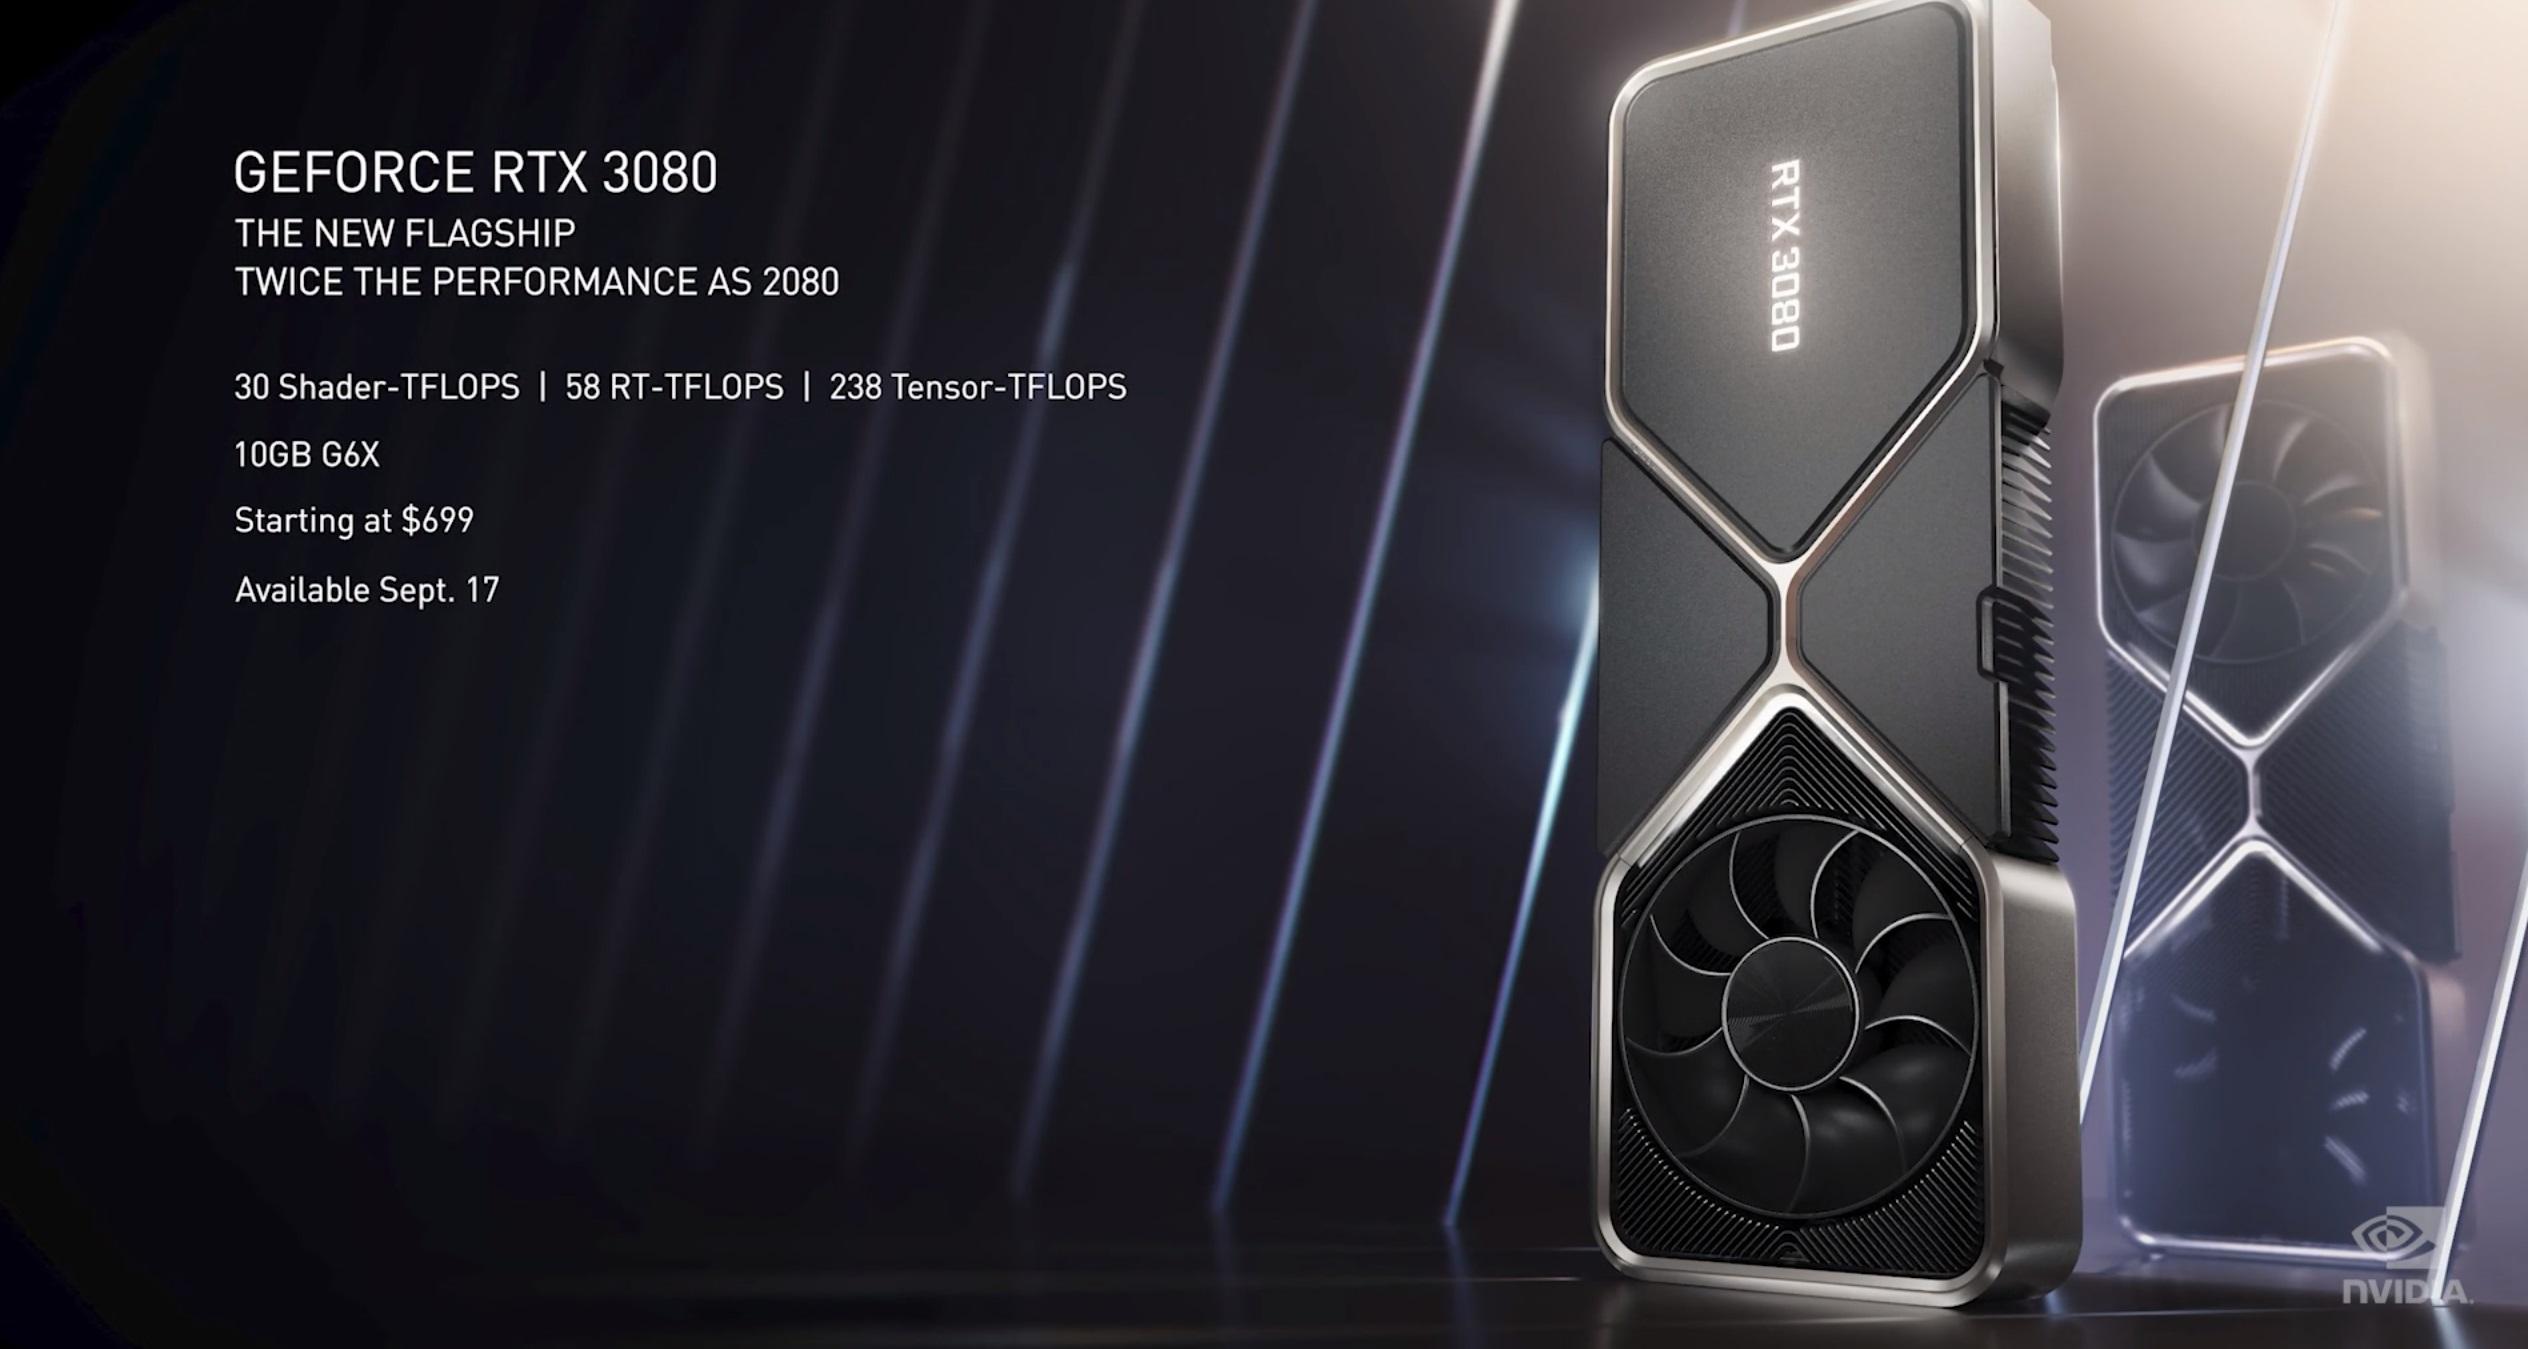 NVIDIA Ampere, trazado de rayos y resolución 8K se dan la mano en uno de los mayores saltos generacionales de la historia 59